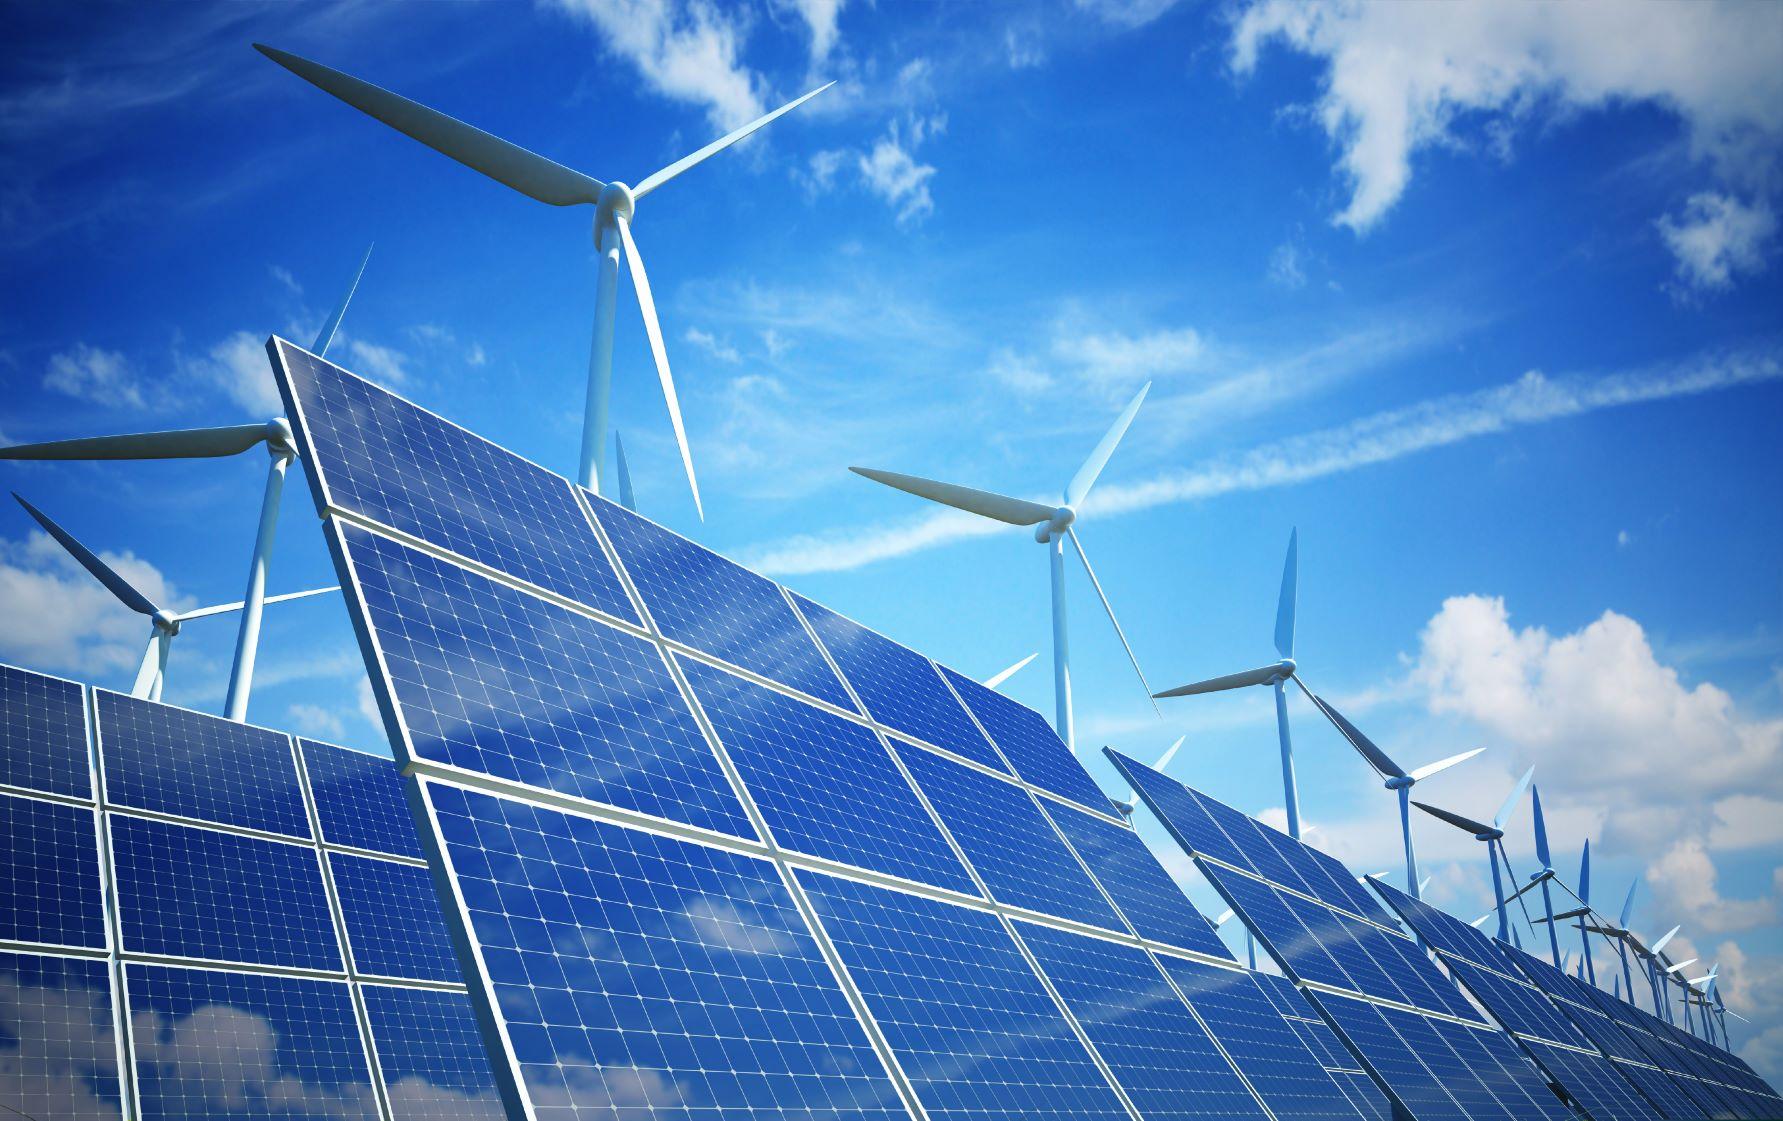 zonne- en windenergie